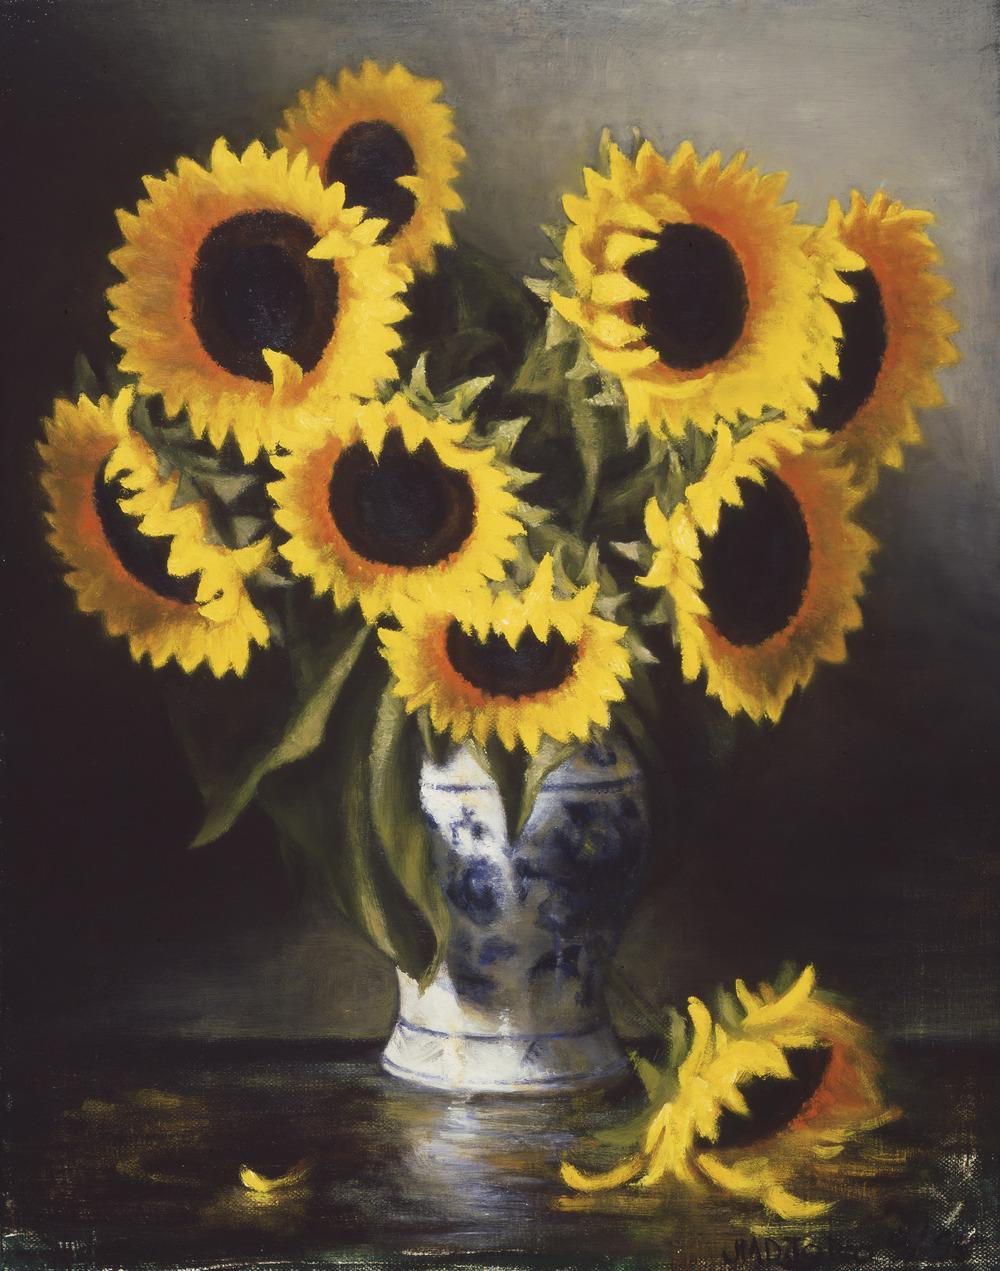 Artwork_pic16_SunflowersBlueWhiteVase_005.jpg